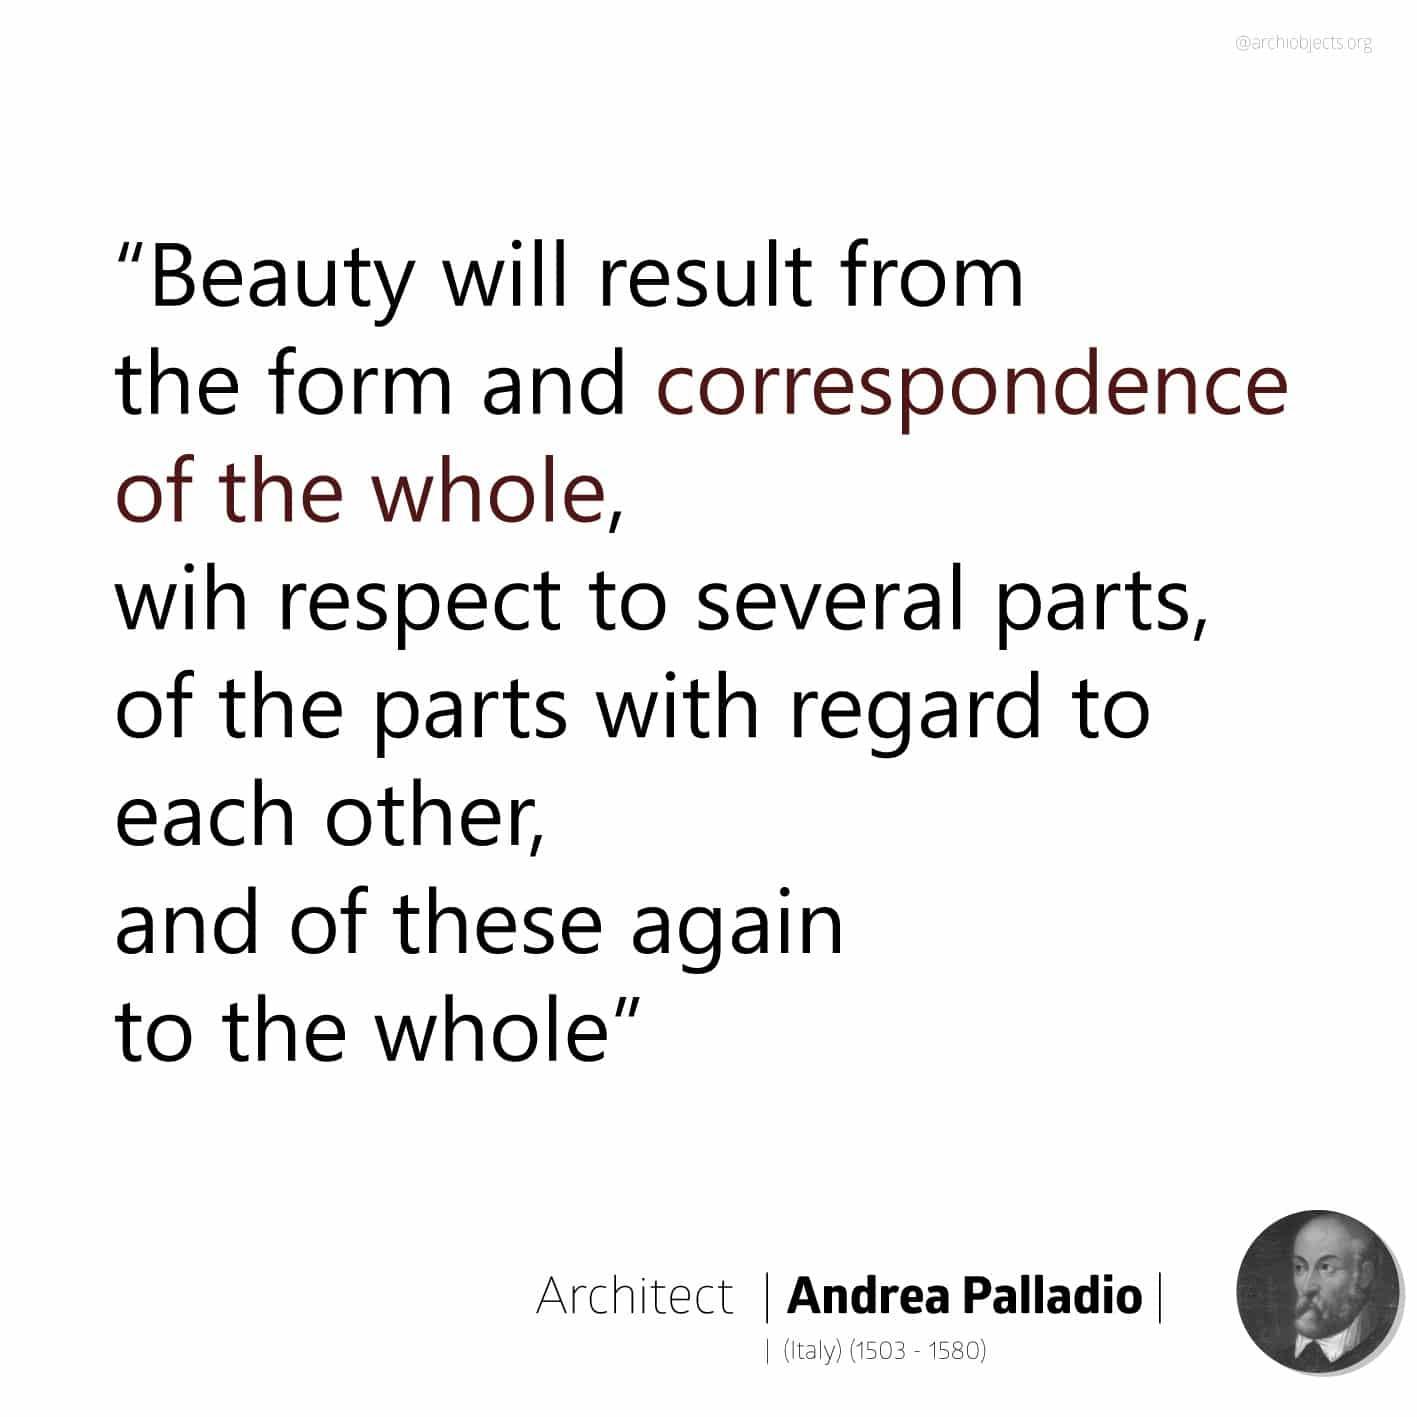 andrea palladio quote